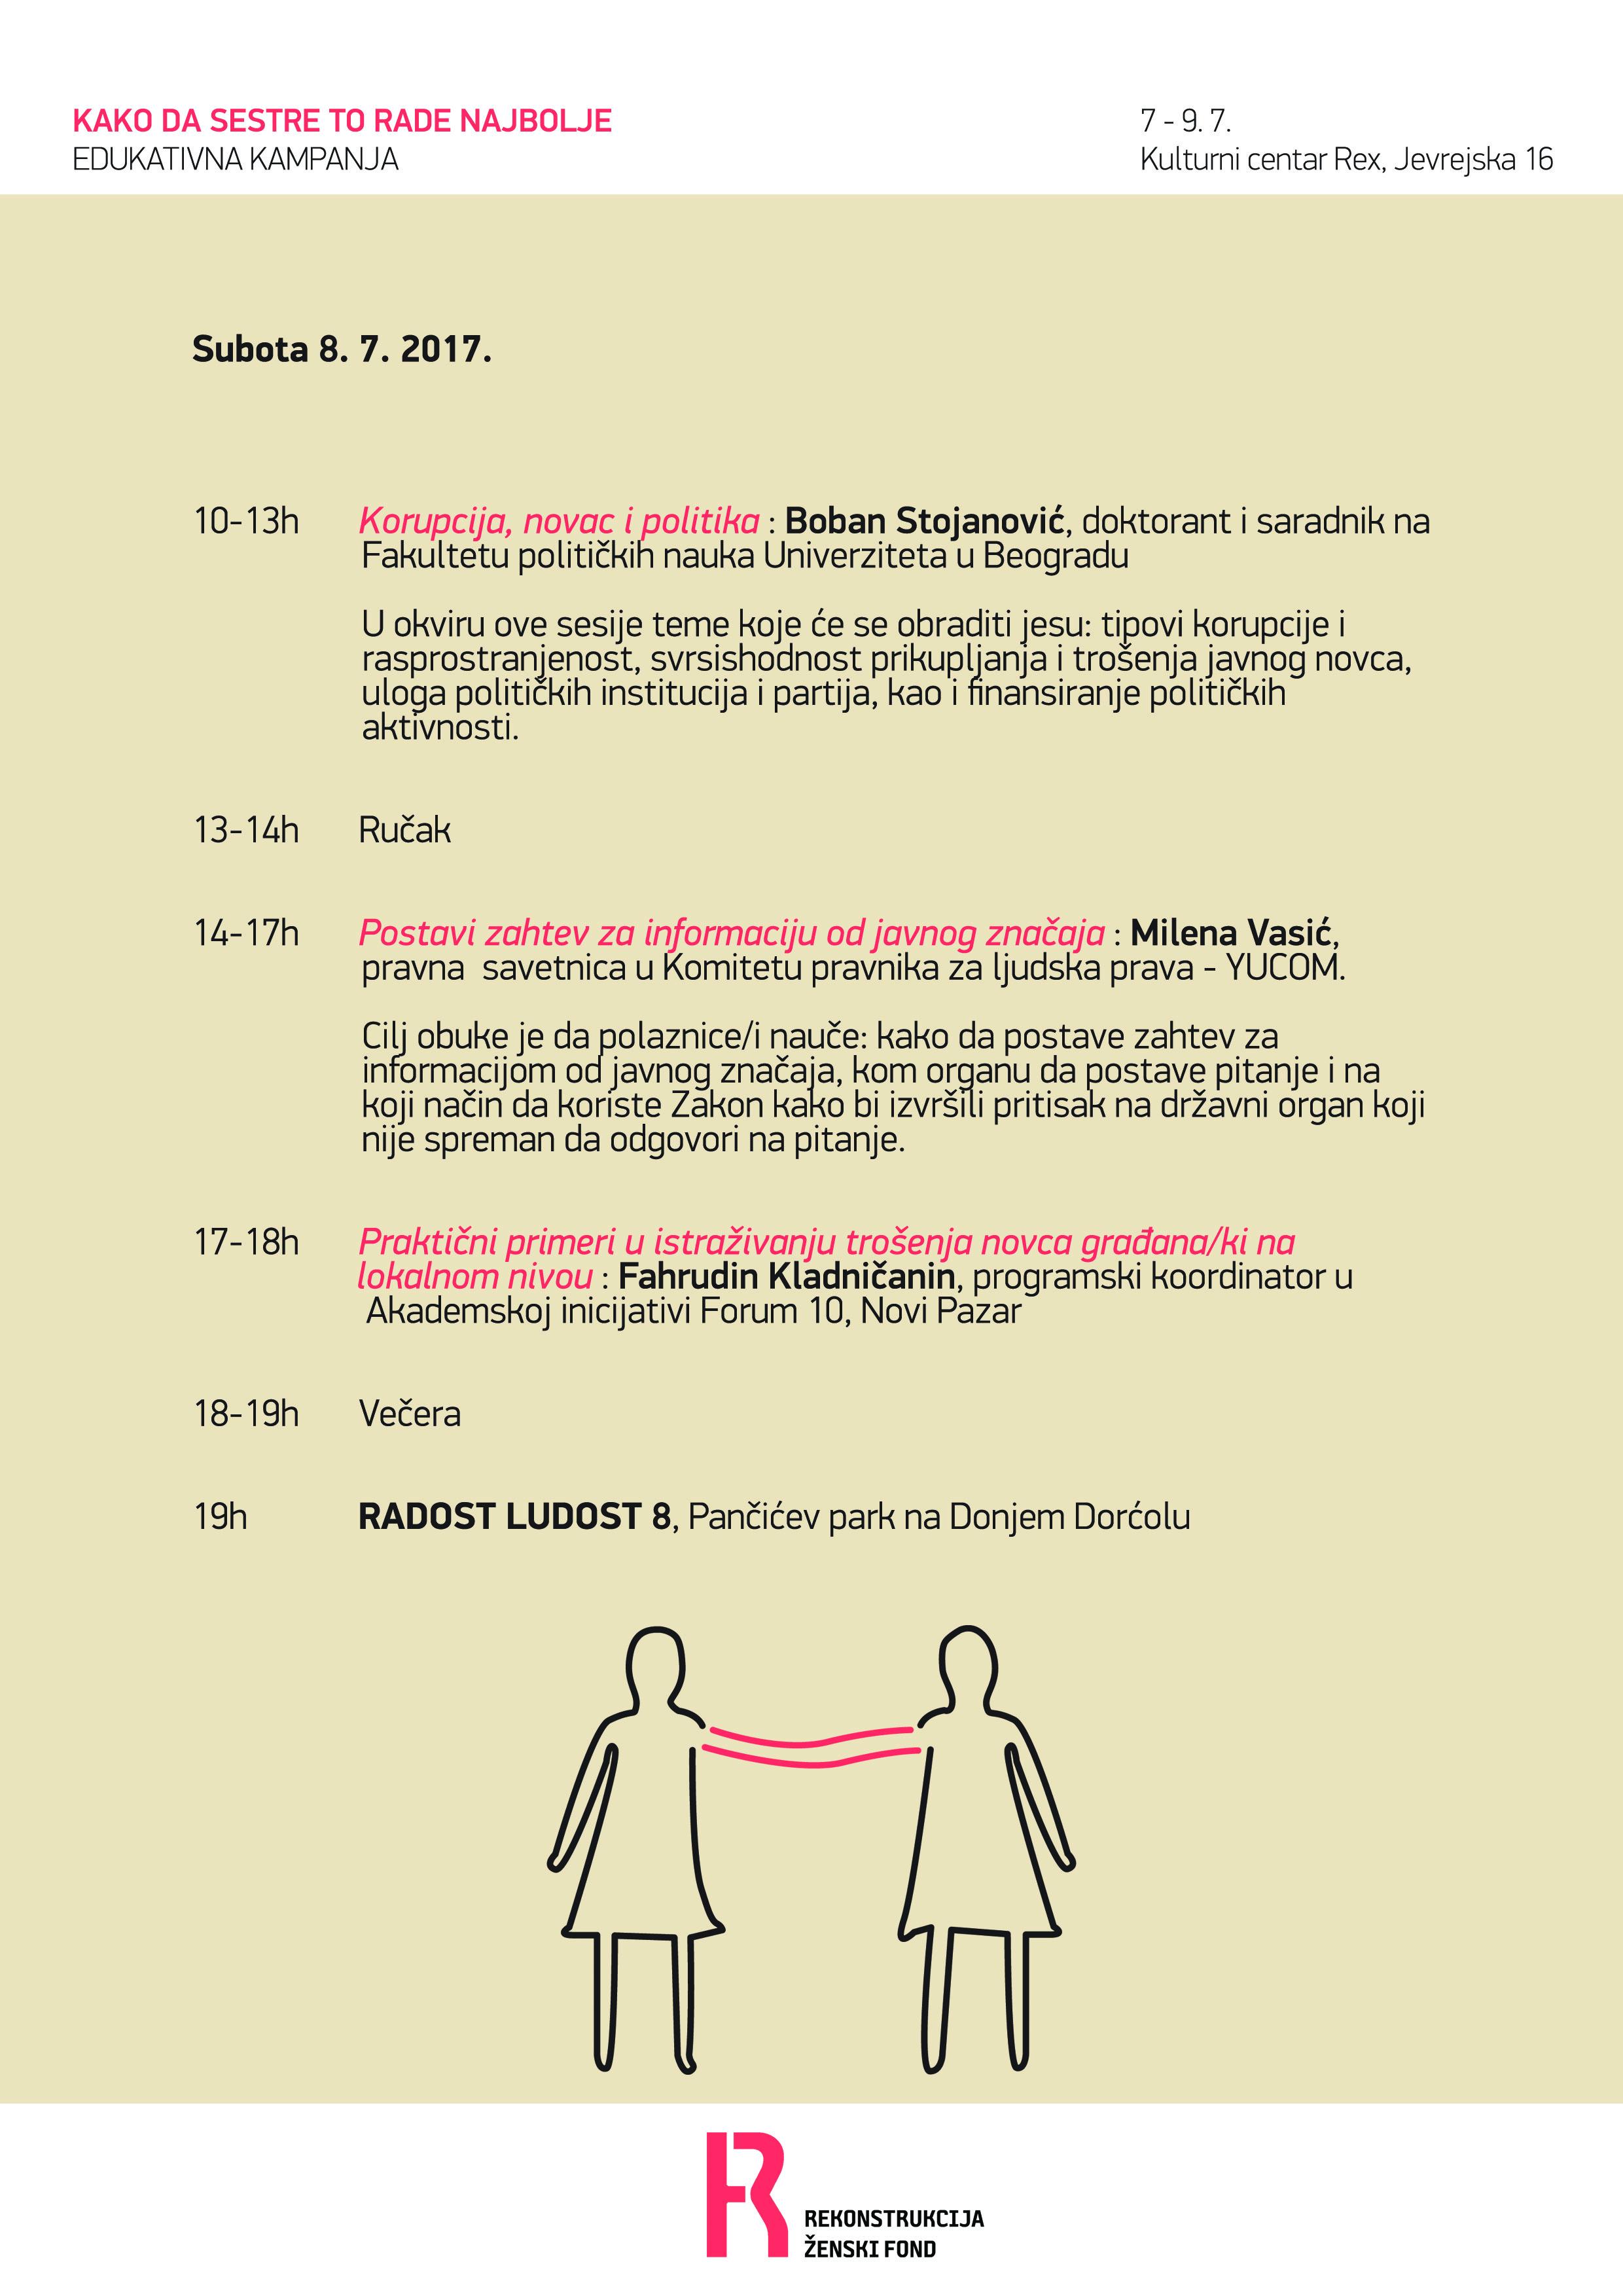 agenda strana 3